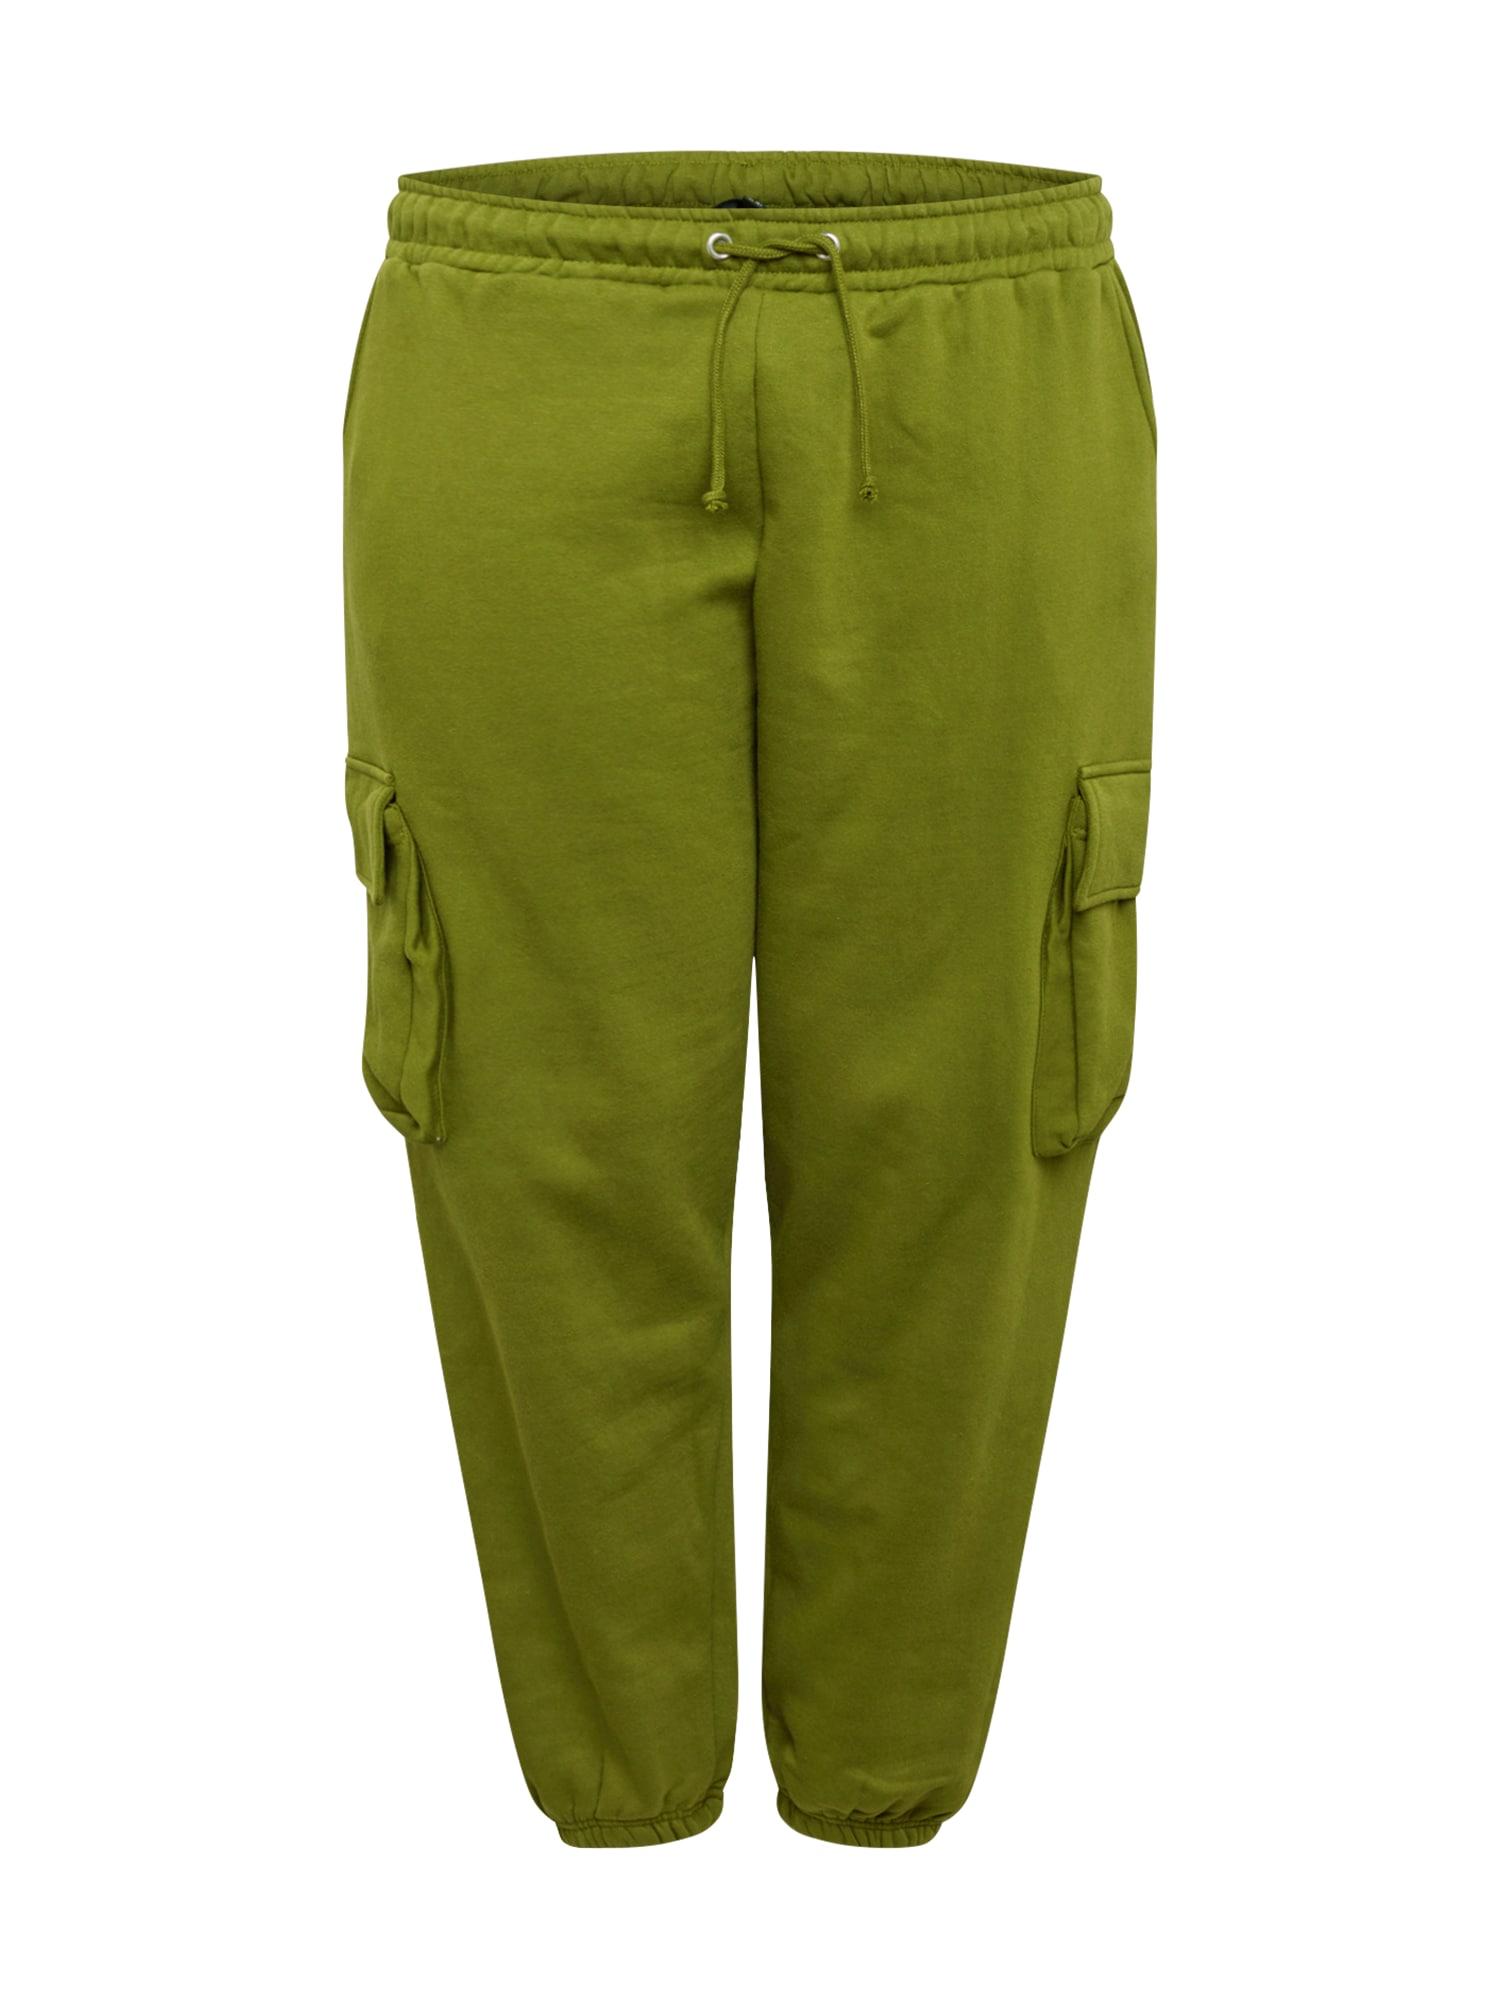 Missguided Plus Laisvo stiliaus kelnės žalia